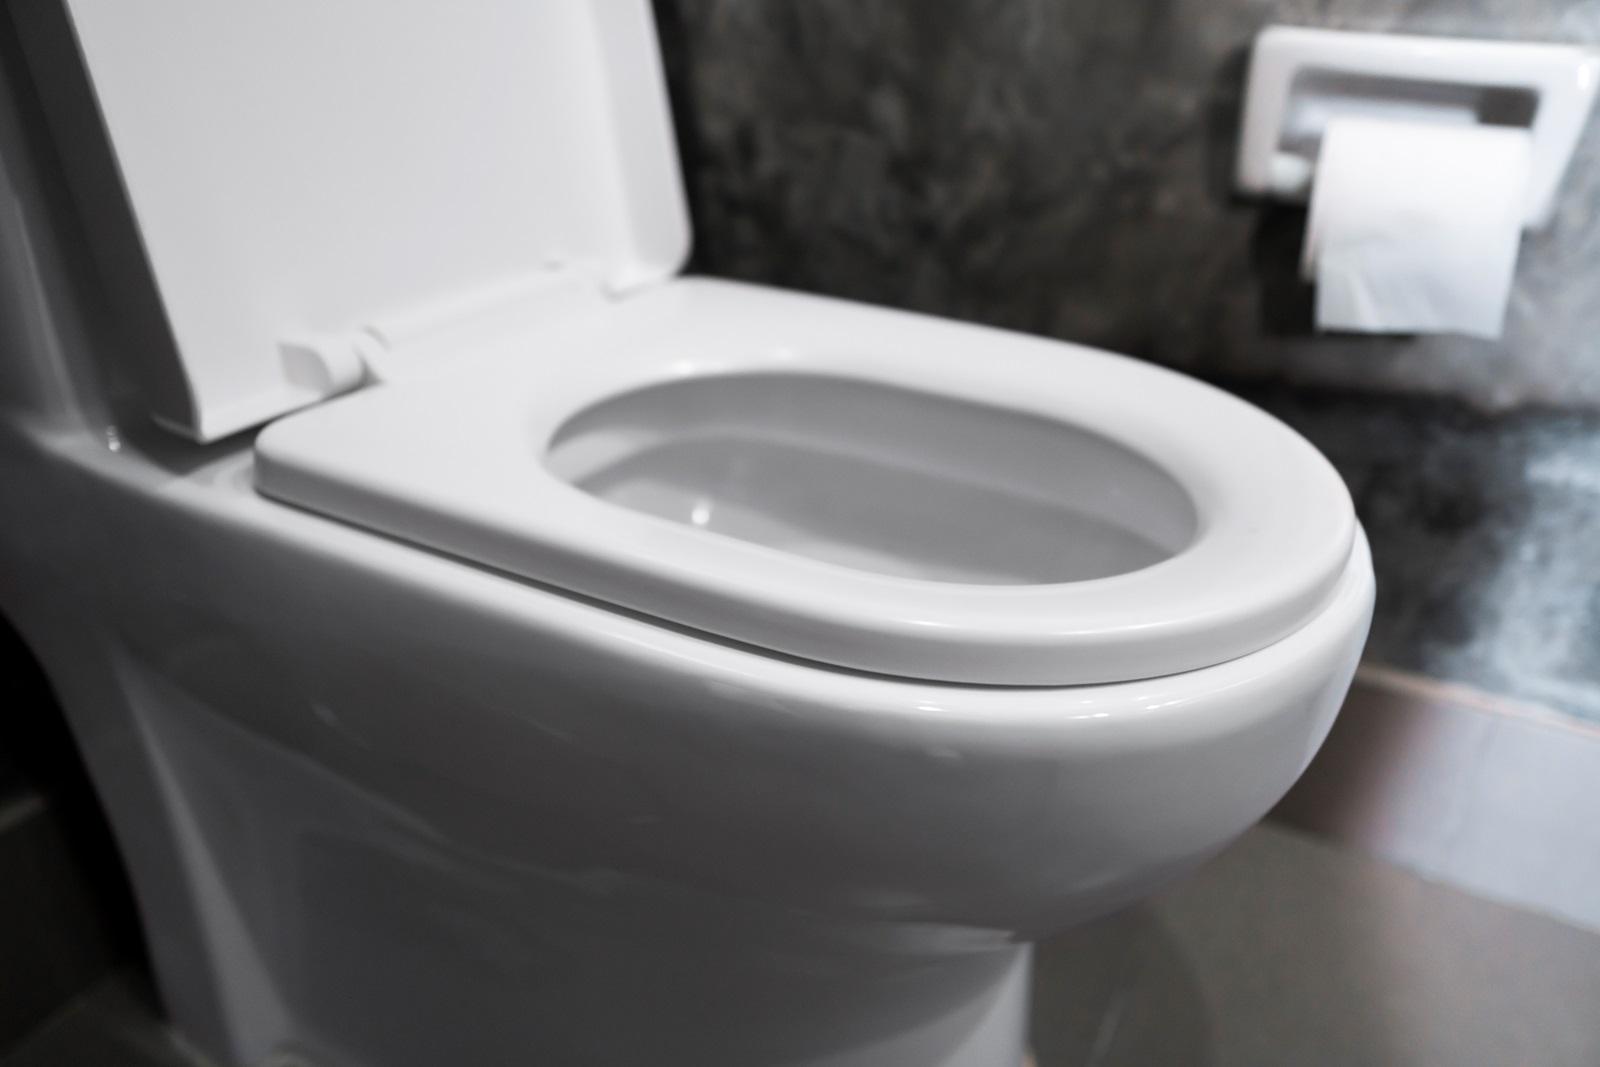 Billede af toilet 01